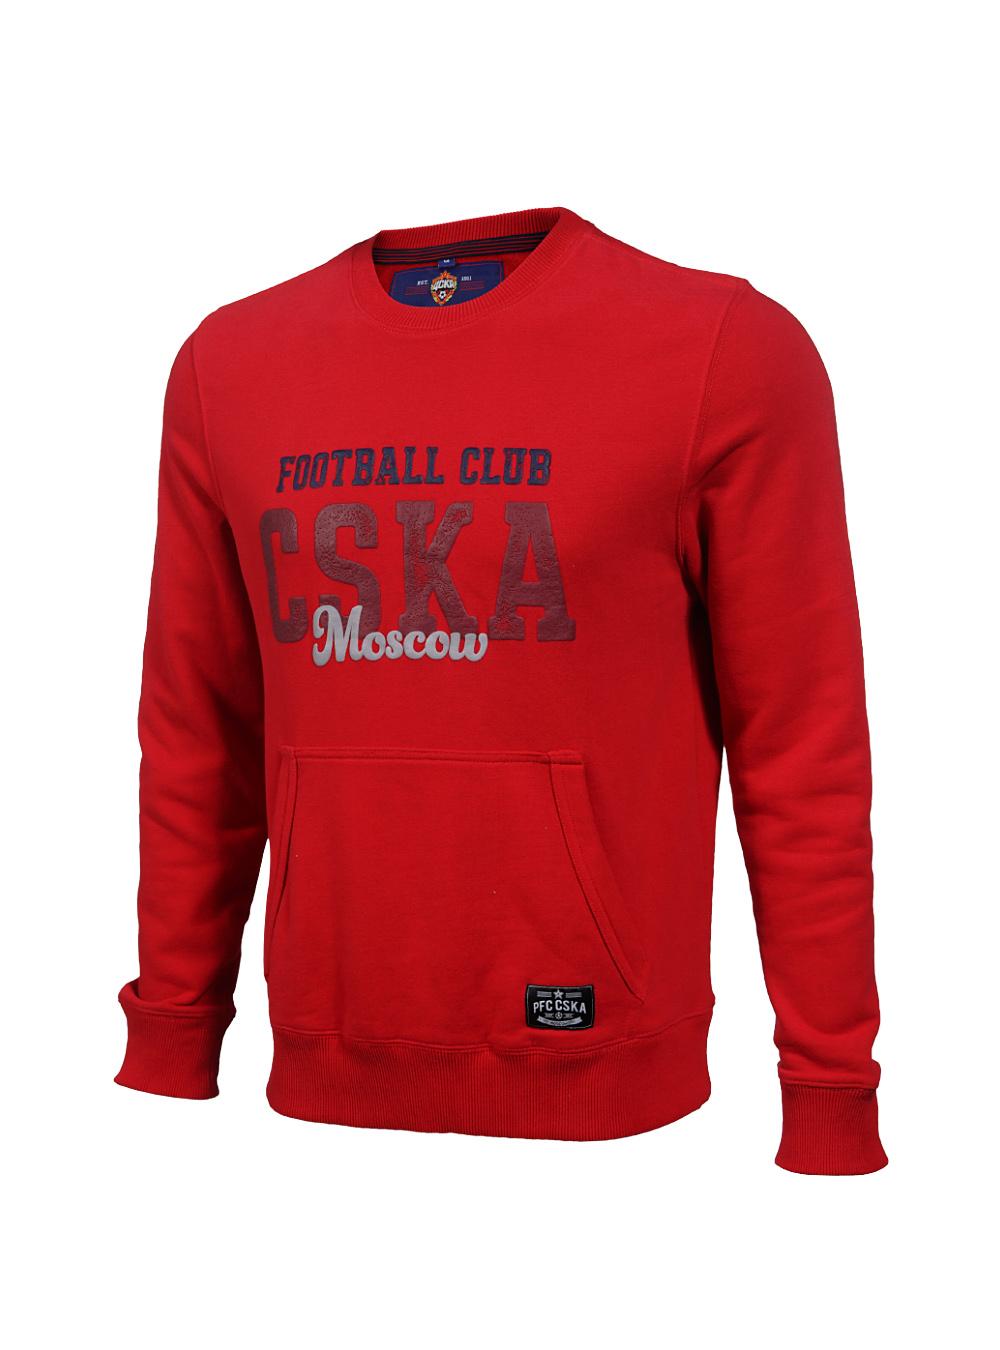 Купить Свитшот «CSKA Moscow», цвет красный (S) по Нижнему Новгороду